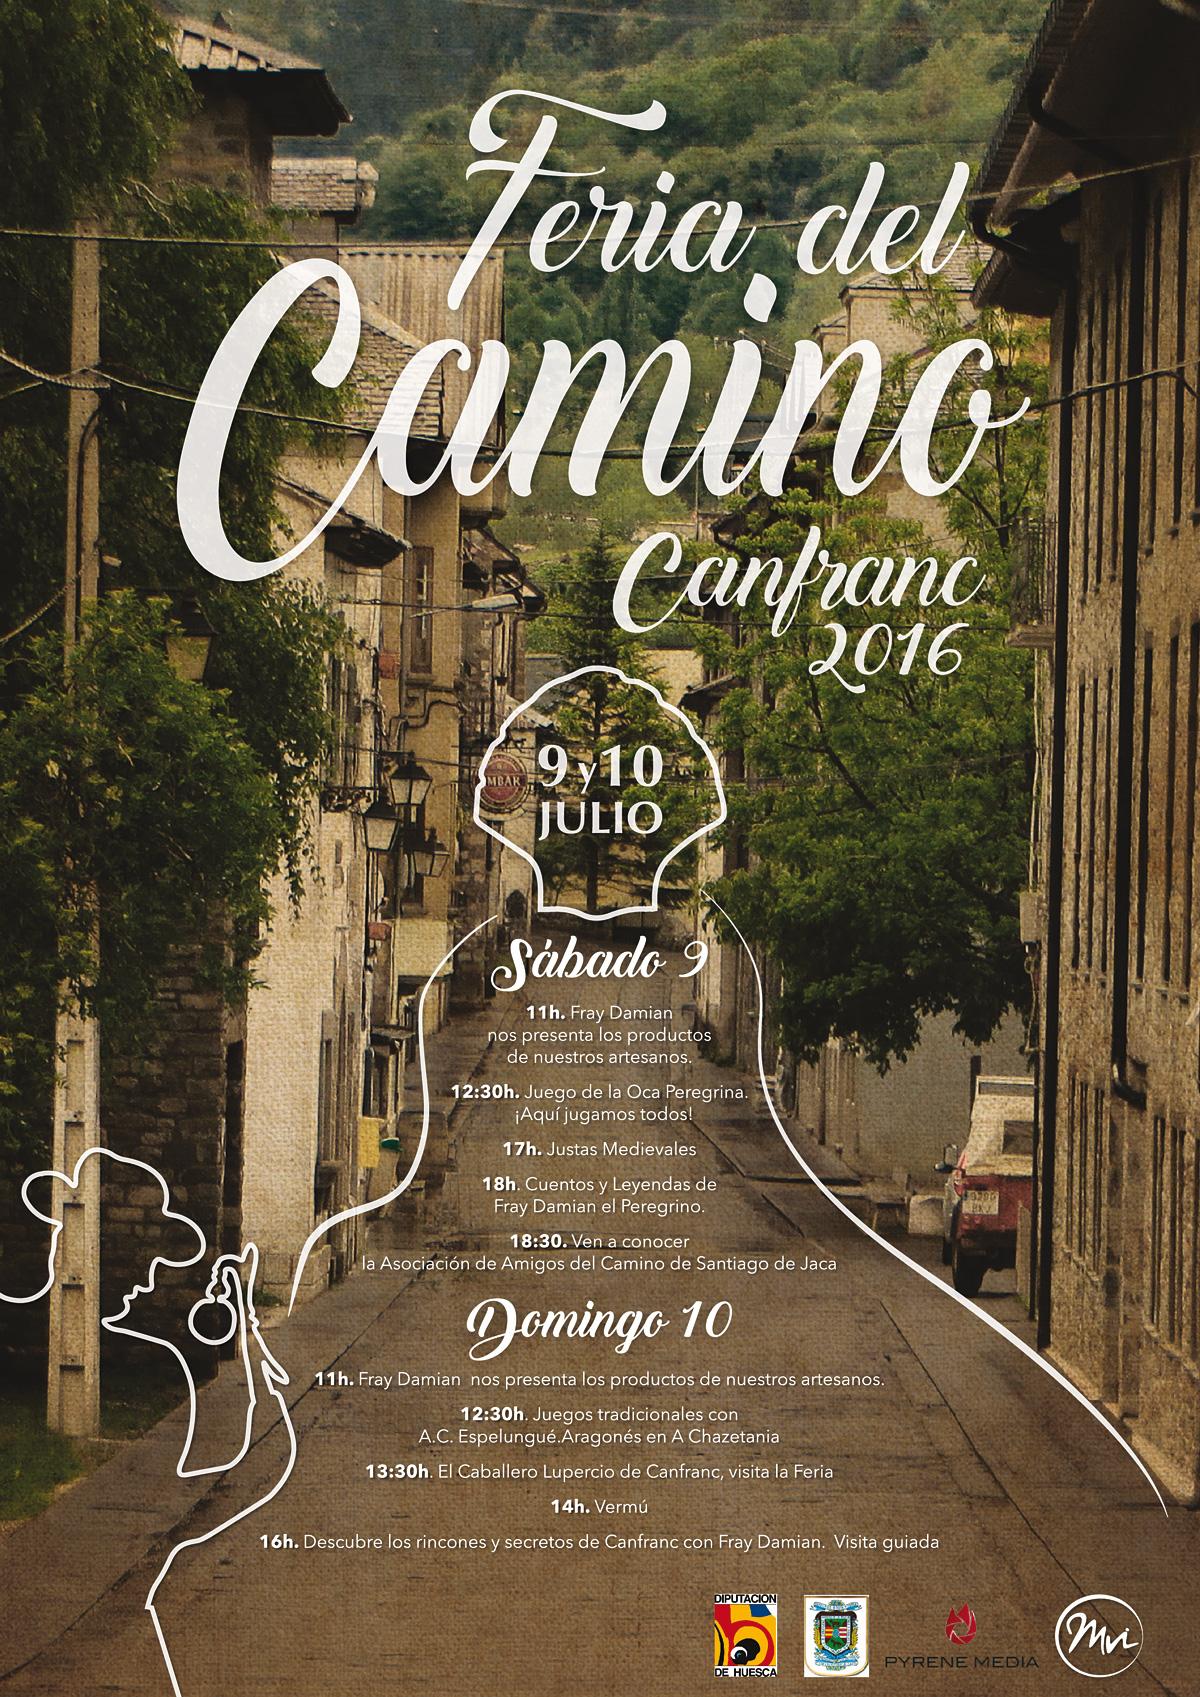 Feria del Camino Canfranc 2016